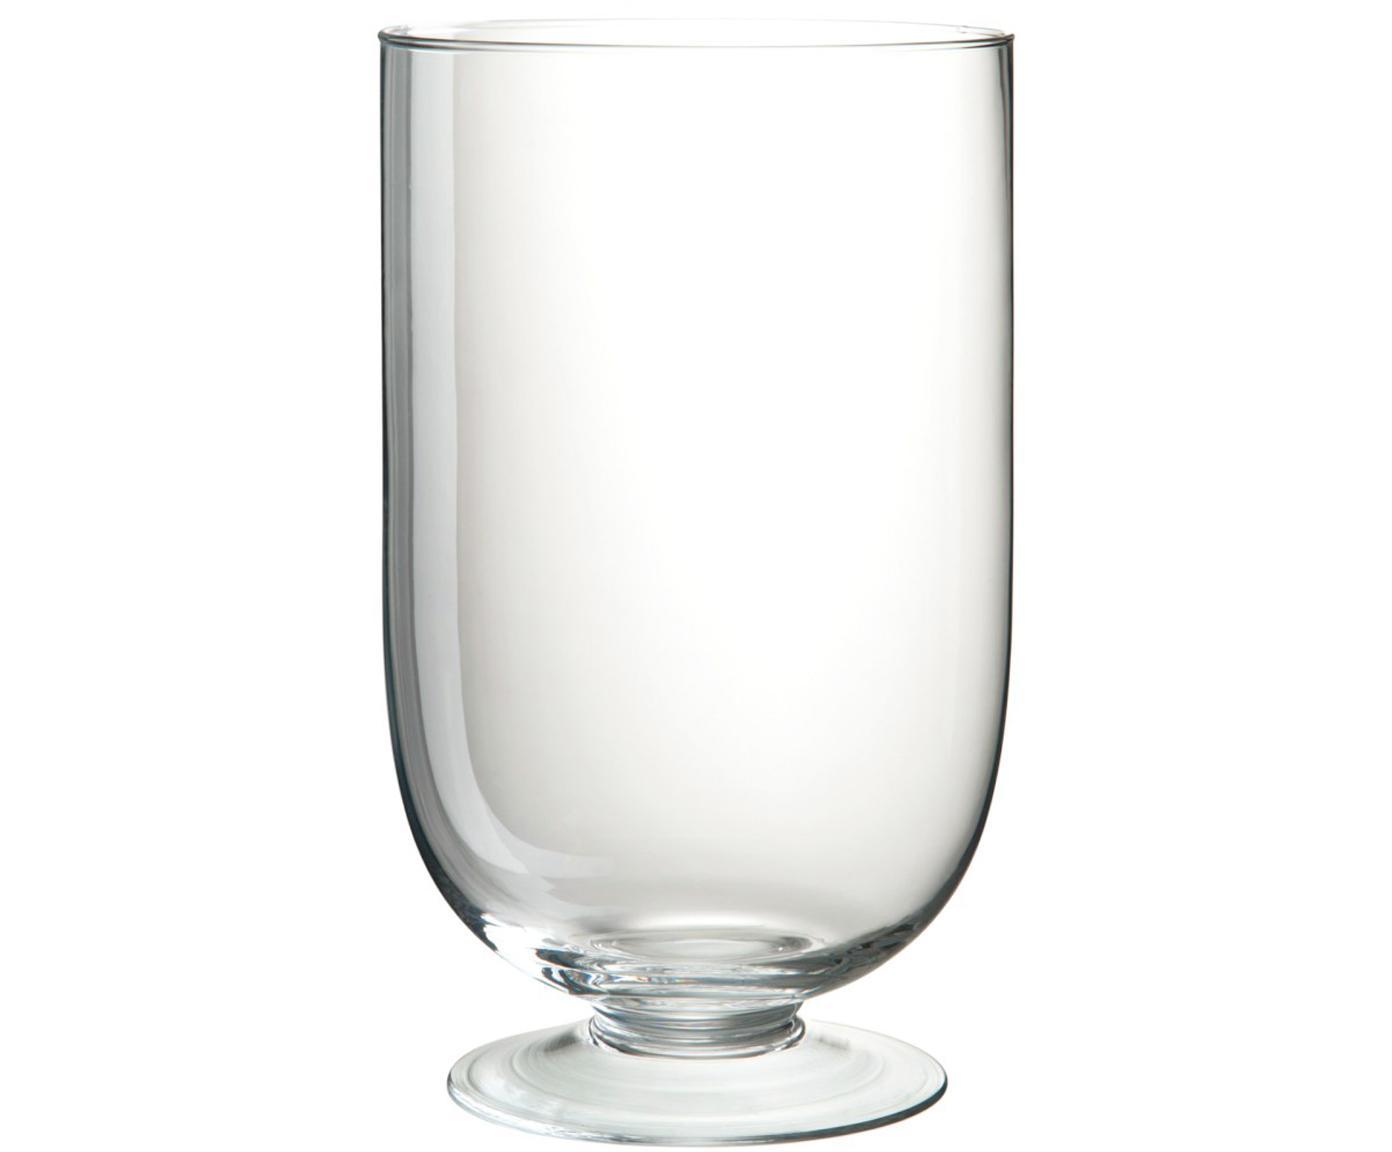 Glas-Vase Clery, Glas, Transparent, Ø 15 x H 24 cm